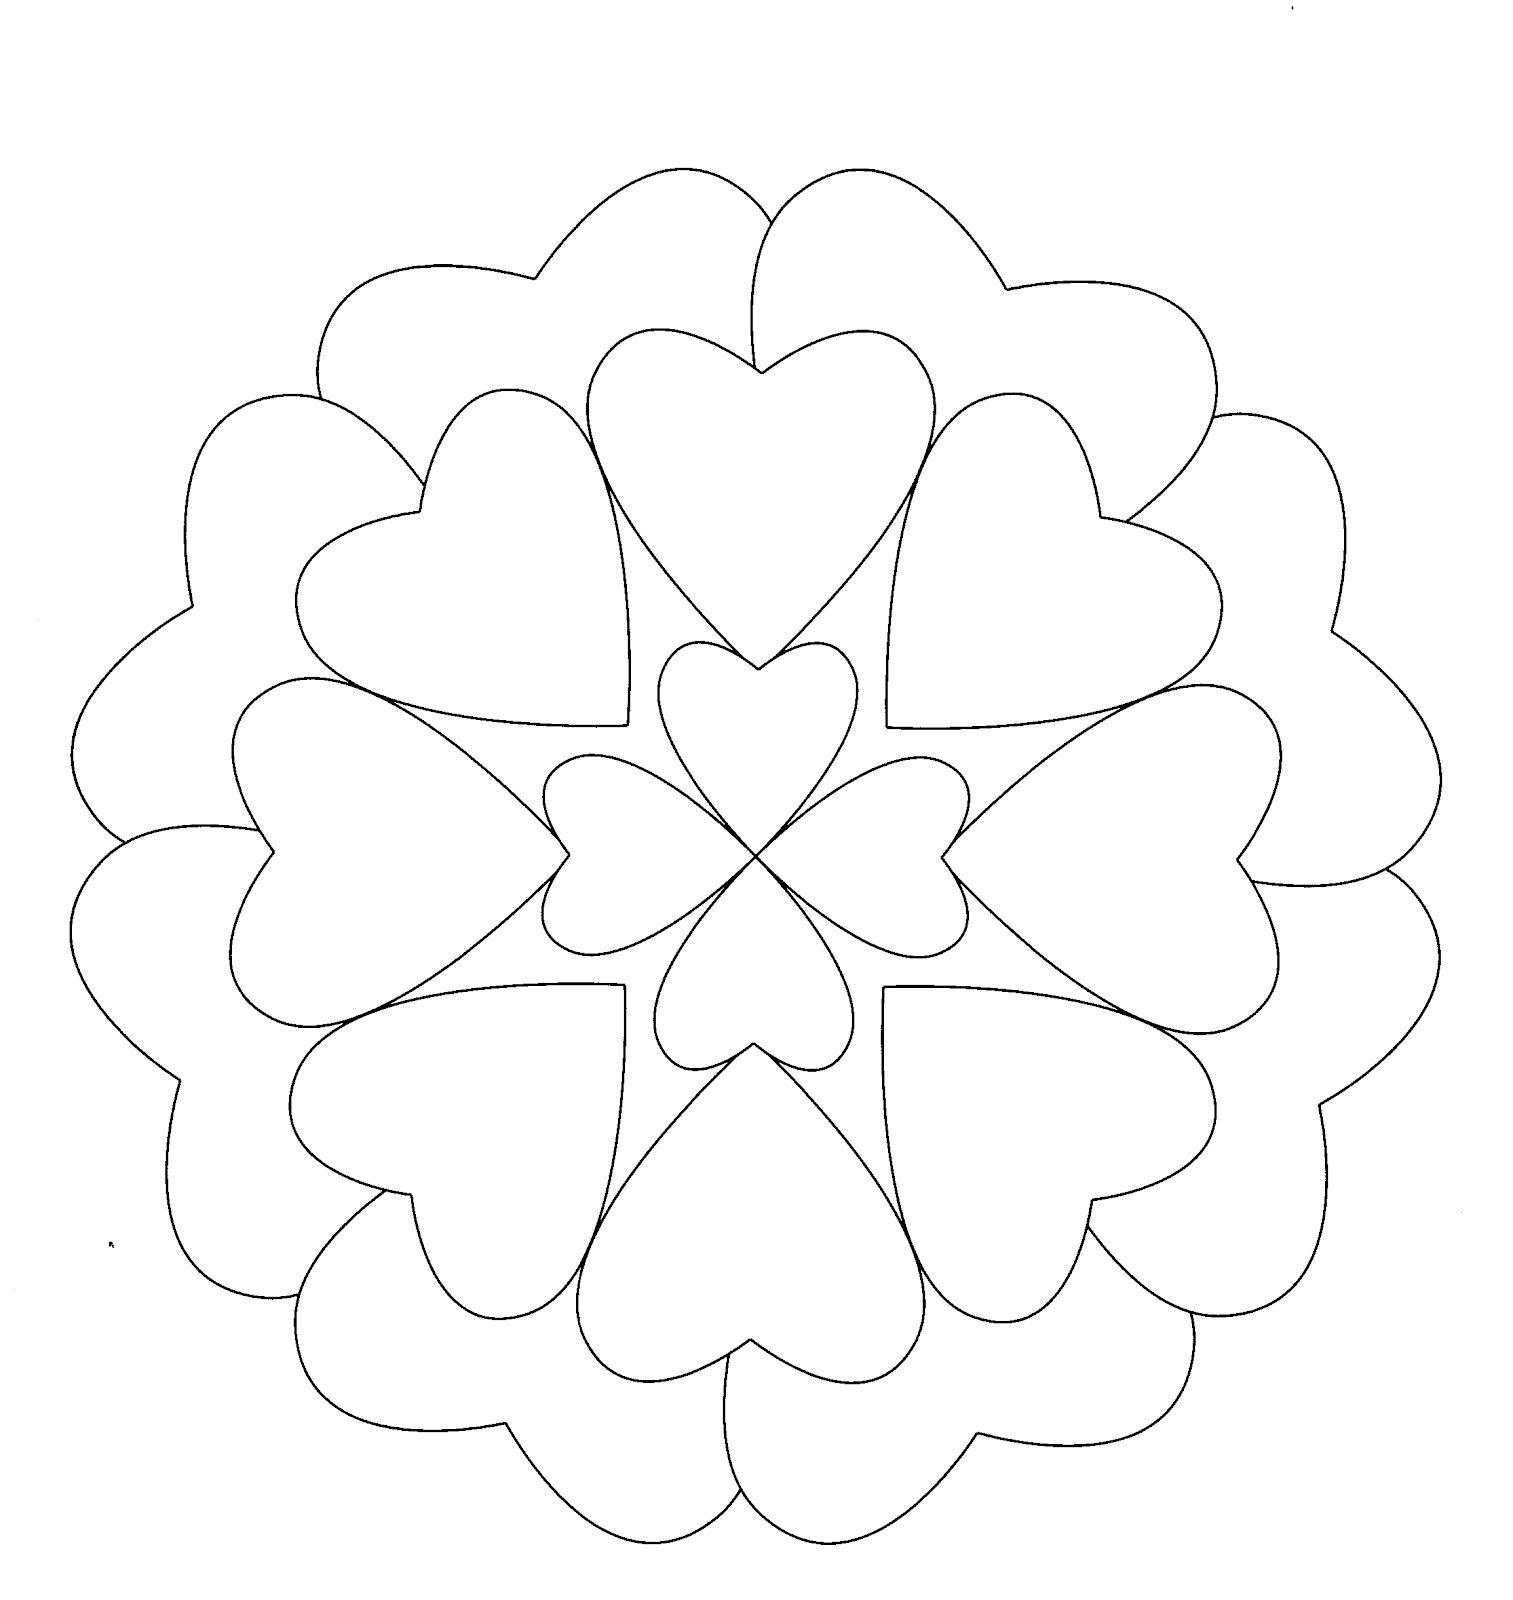 Tekenpraktijk Voor Kinderen En Volwasssen Mandalatekenen Zentanglen Workshops Zeer Kleurrijk Weblog Met Heel Mandala Kleurplaten Mozaiekpatronen Kleurboek